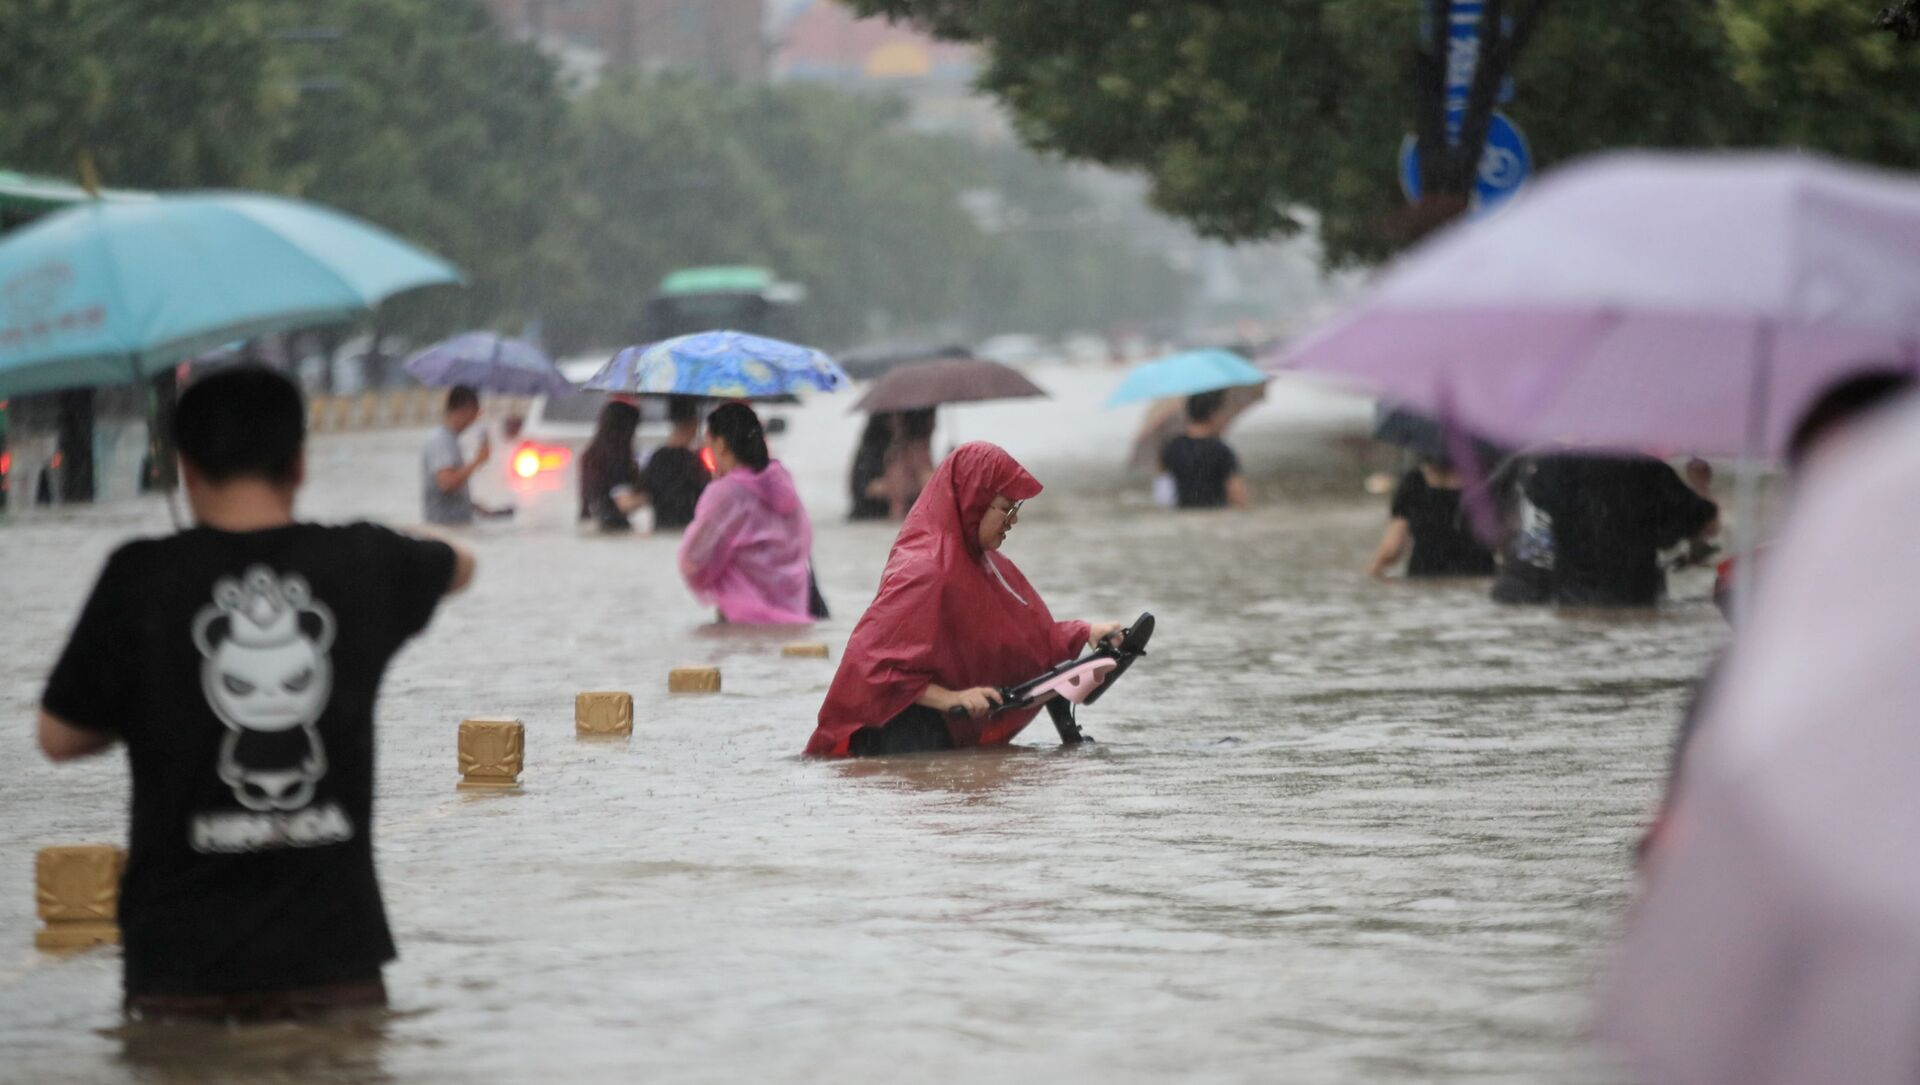 Người dân Trung Quốc trên những đường phố ngập lụt ở thành phố Trinh Châu, tỉnh Hà Nam, Trung Quốc, ngày 20/7/2021 - Sputnik Việt Nam, 1920, 21.07.2021